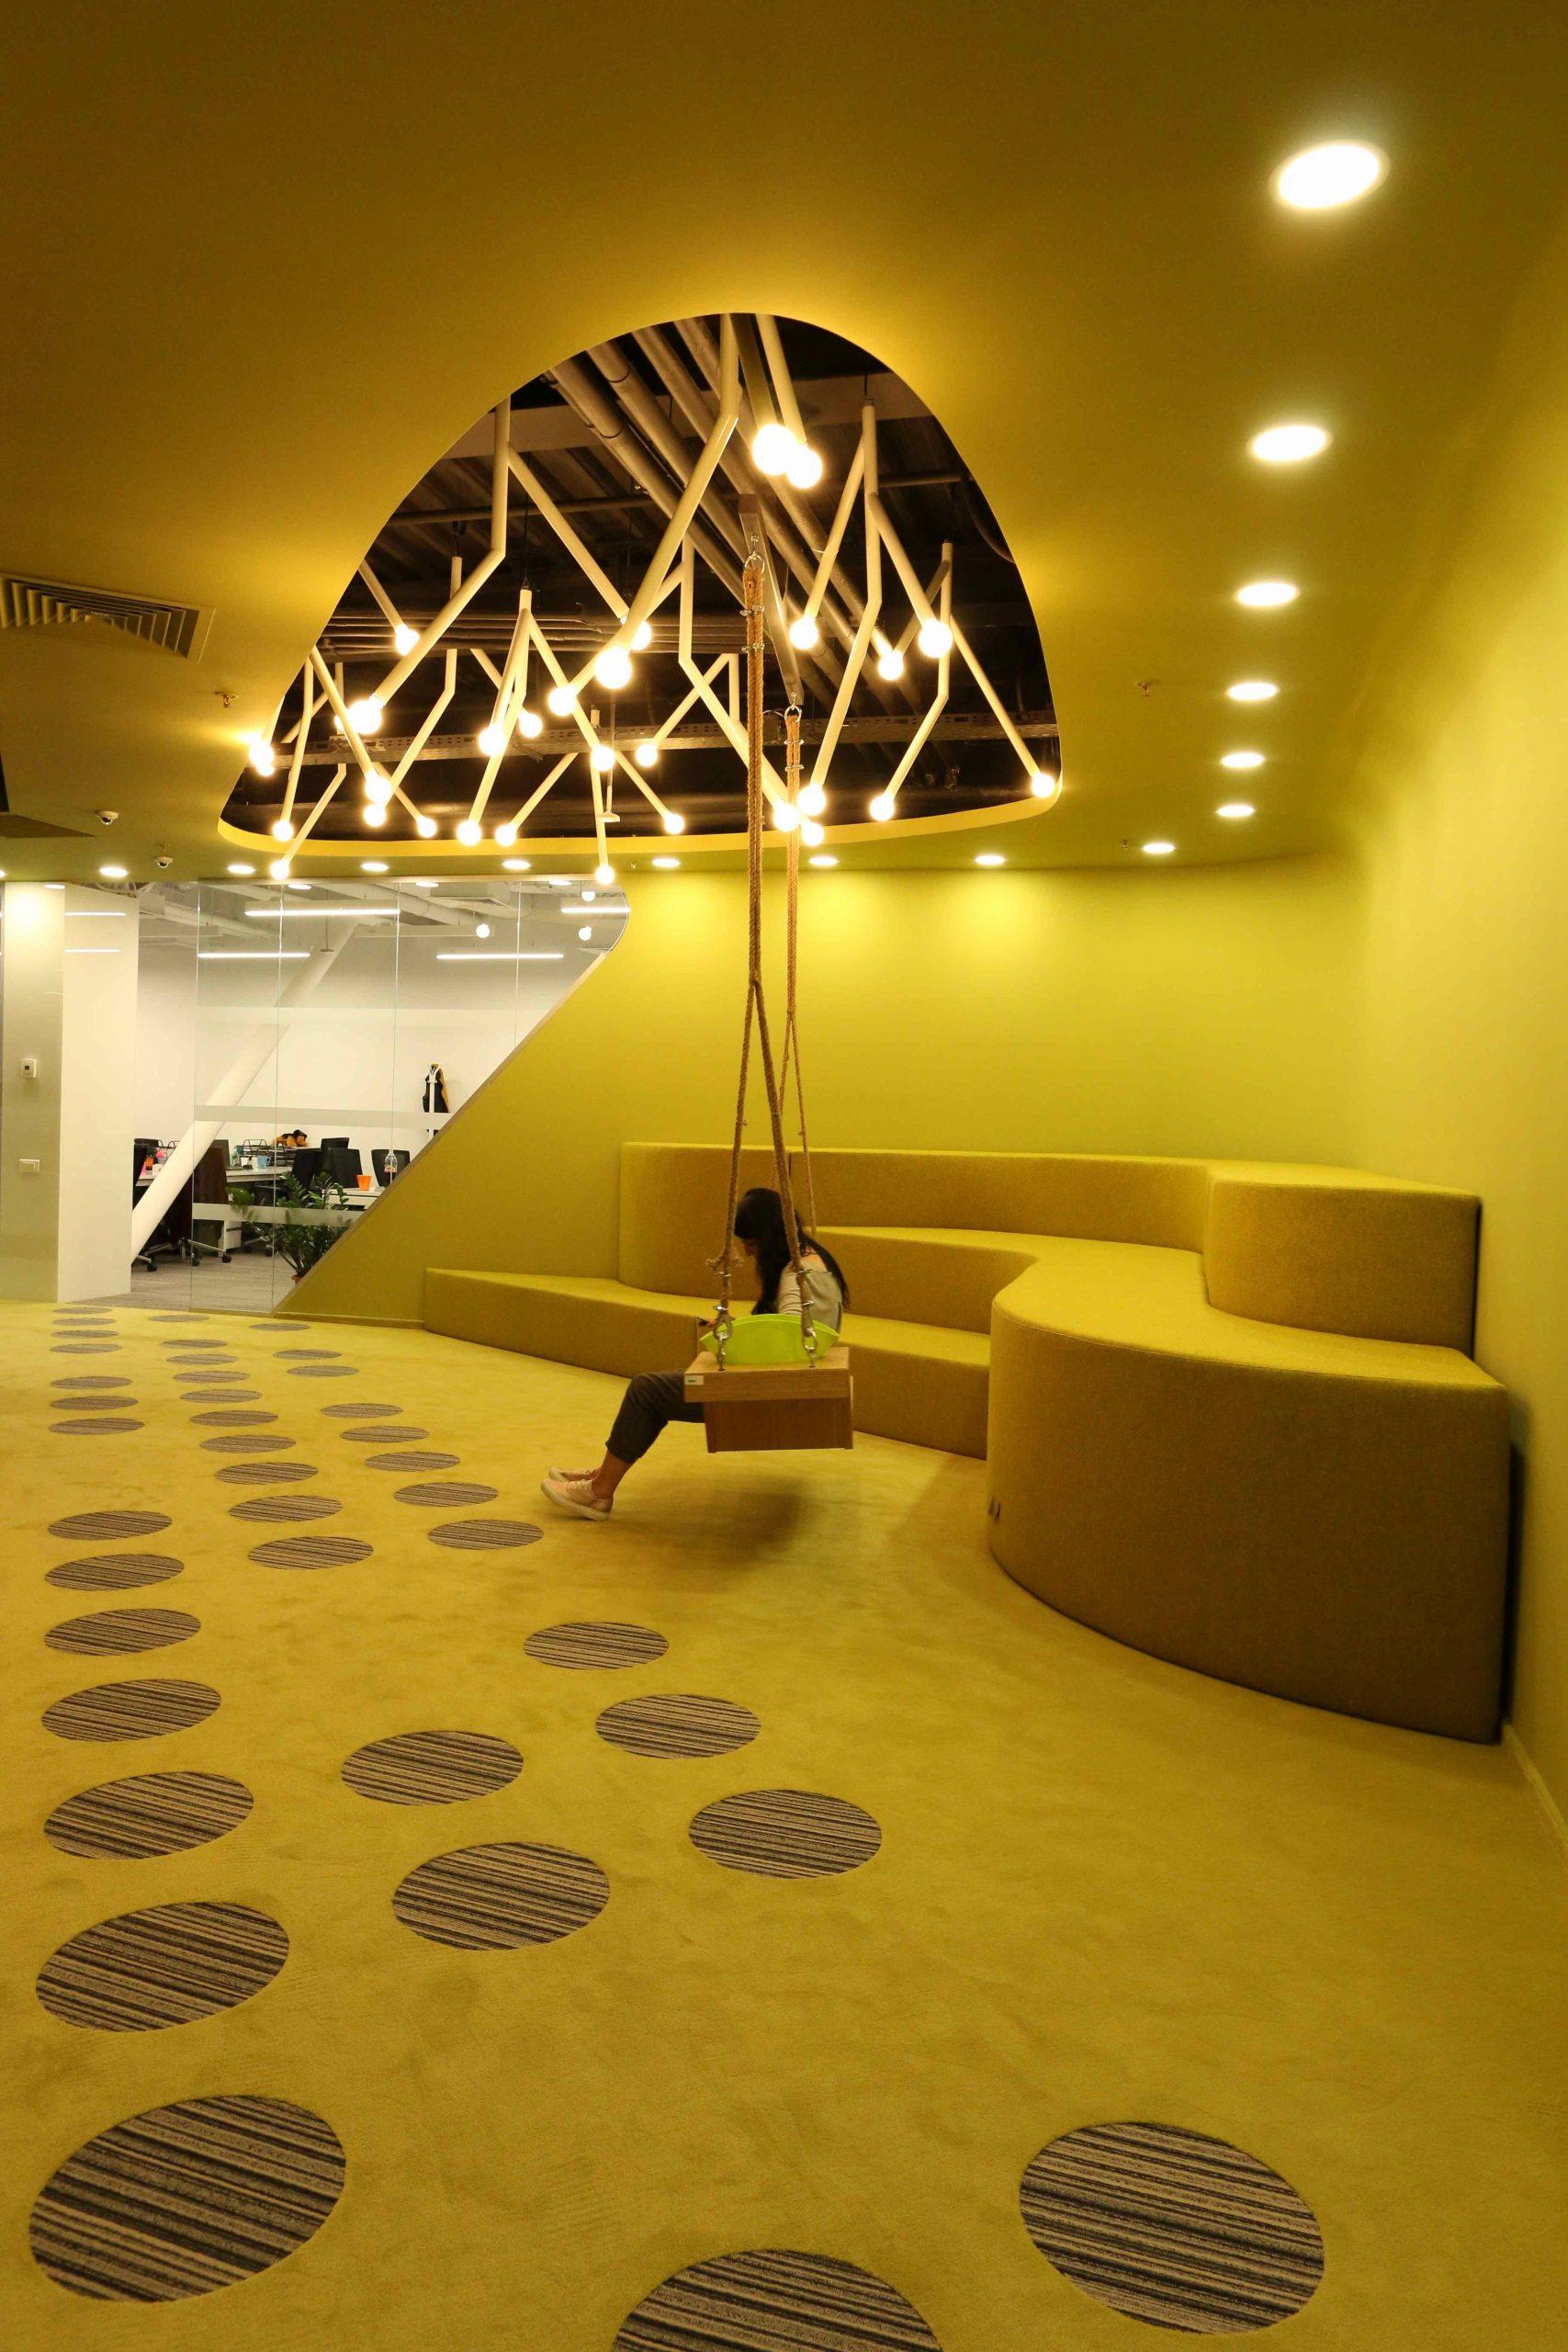 https://nbc-arhitect.ro/wp-content/uploads/2020/10/NBC-Arhitect-_-interiors-_-HQ-Mega-Image-_-Romania-_-interior-design-view_15-scaled.jpg